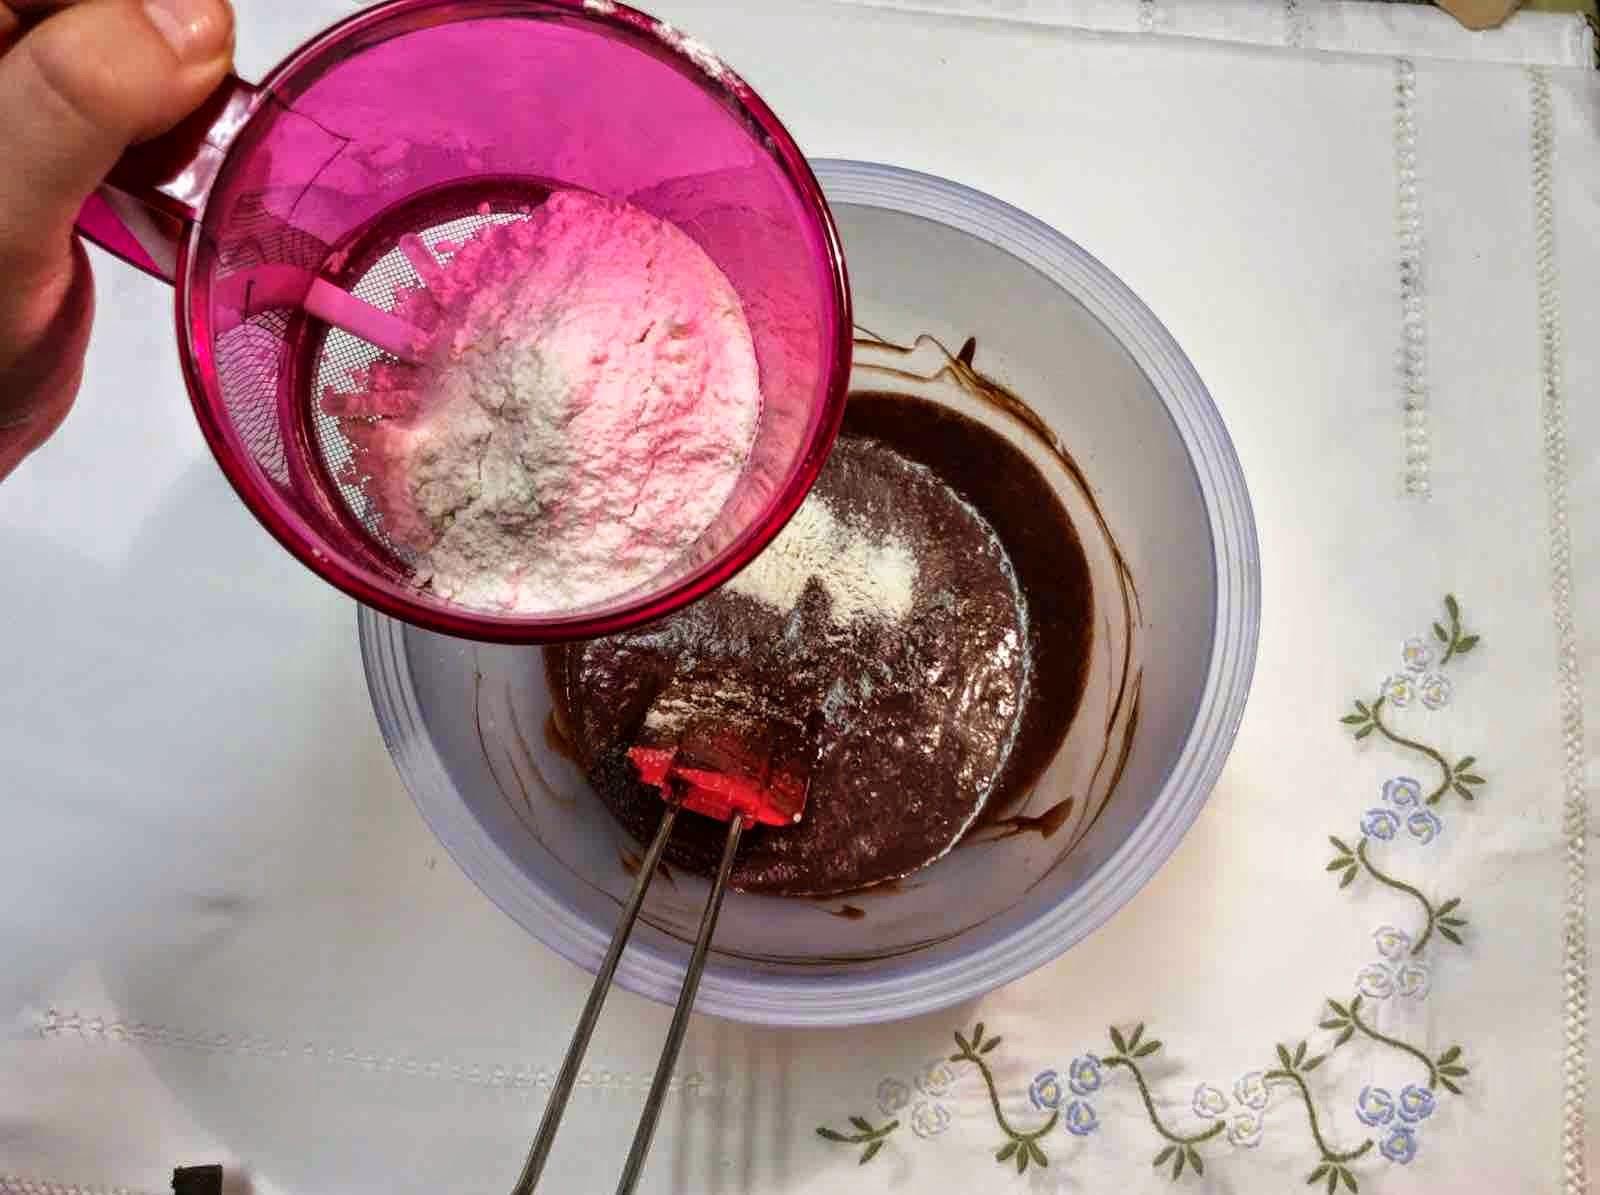 Mezcla a la que se añade harina con un toque de cayena